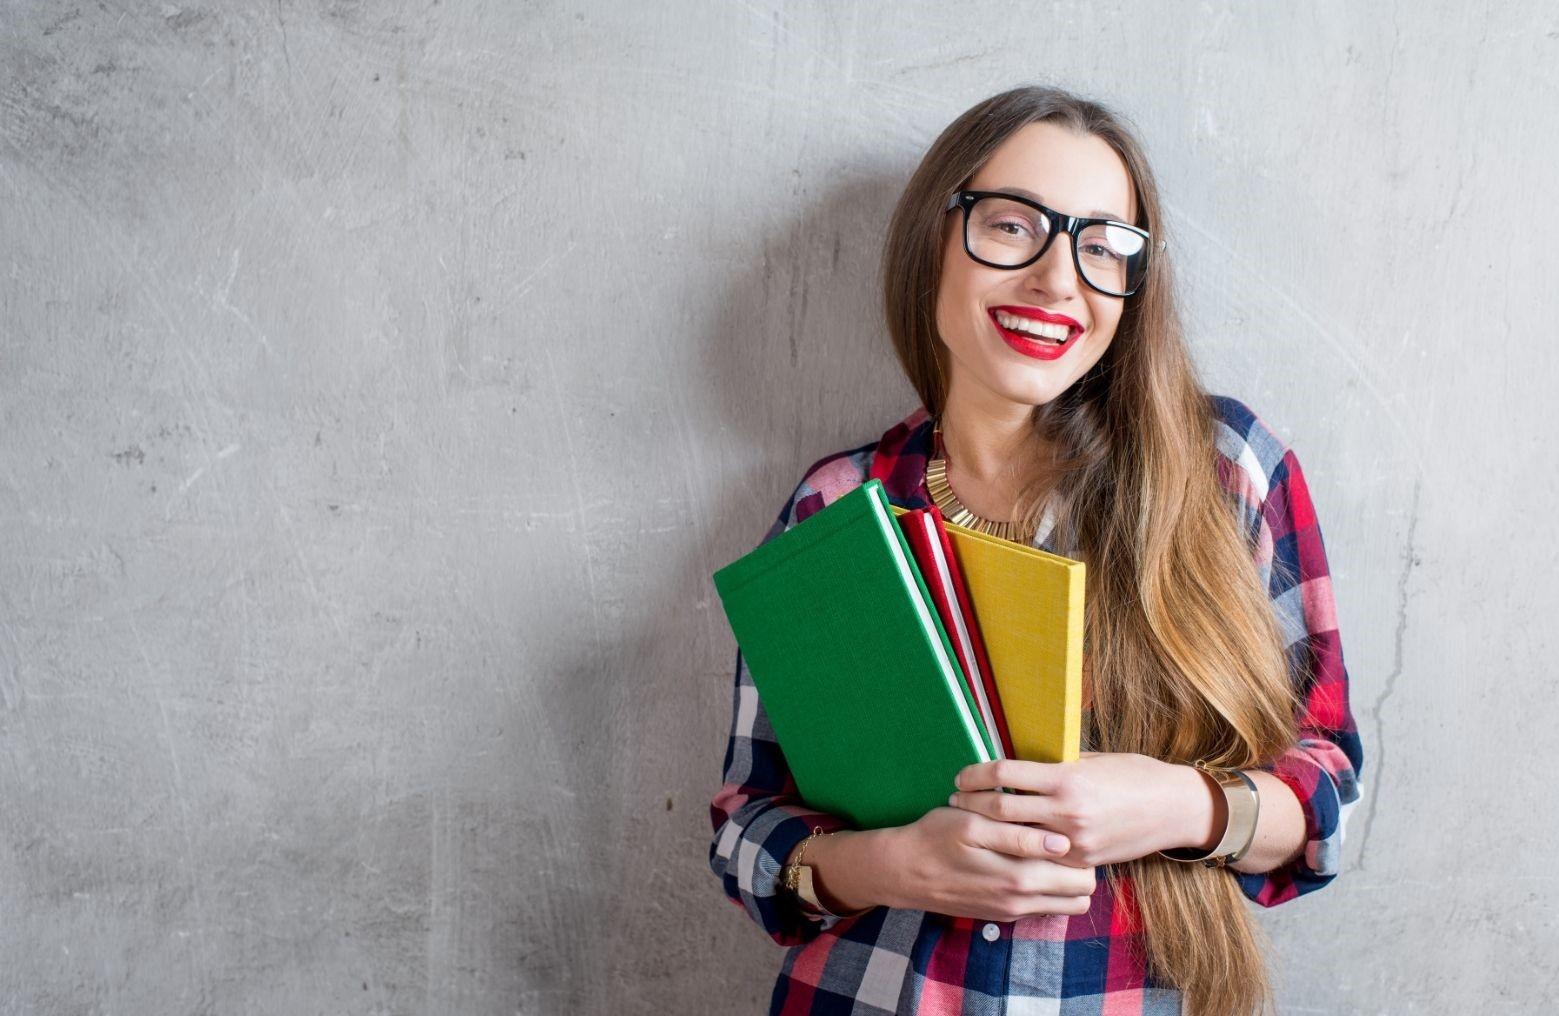 Een student inhuren voor administratie, klantenservice, data-entry of webteksten?